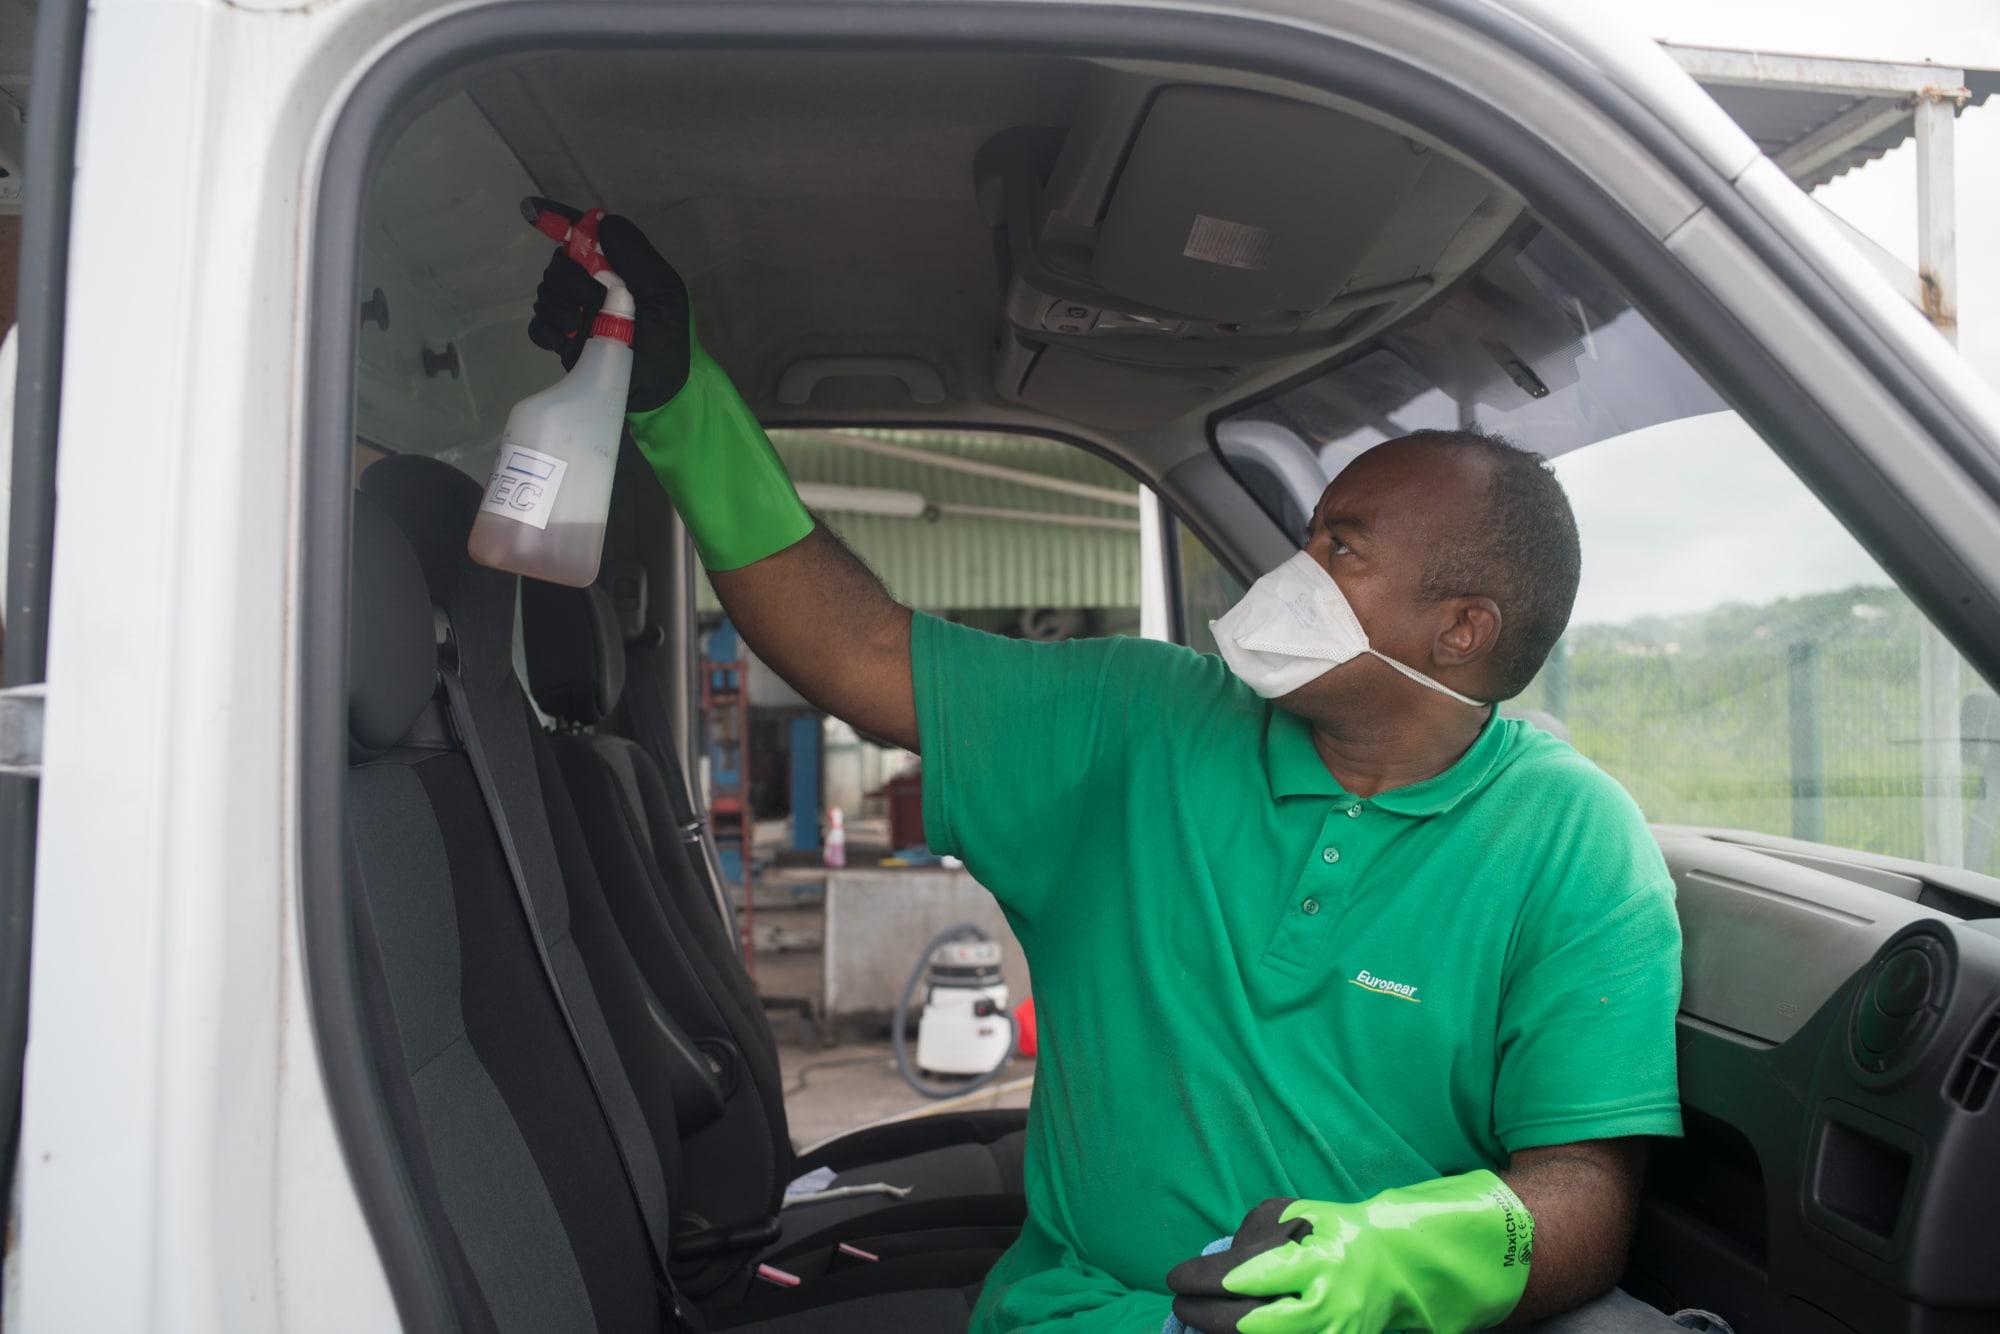 Installé à l'intérieur du véhicule, Fred vaporise un produit sur le plafond du côté passager.